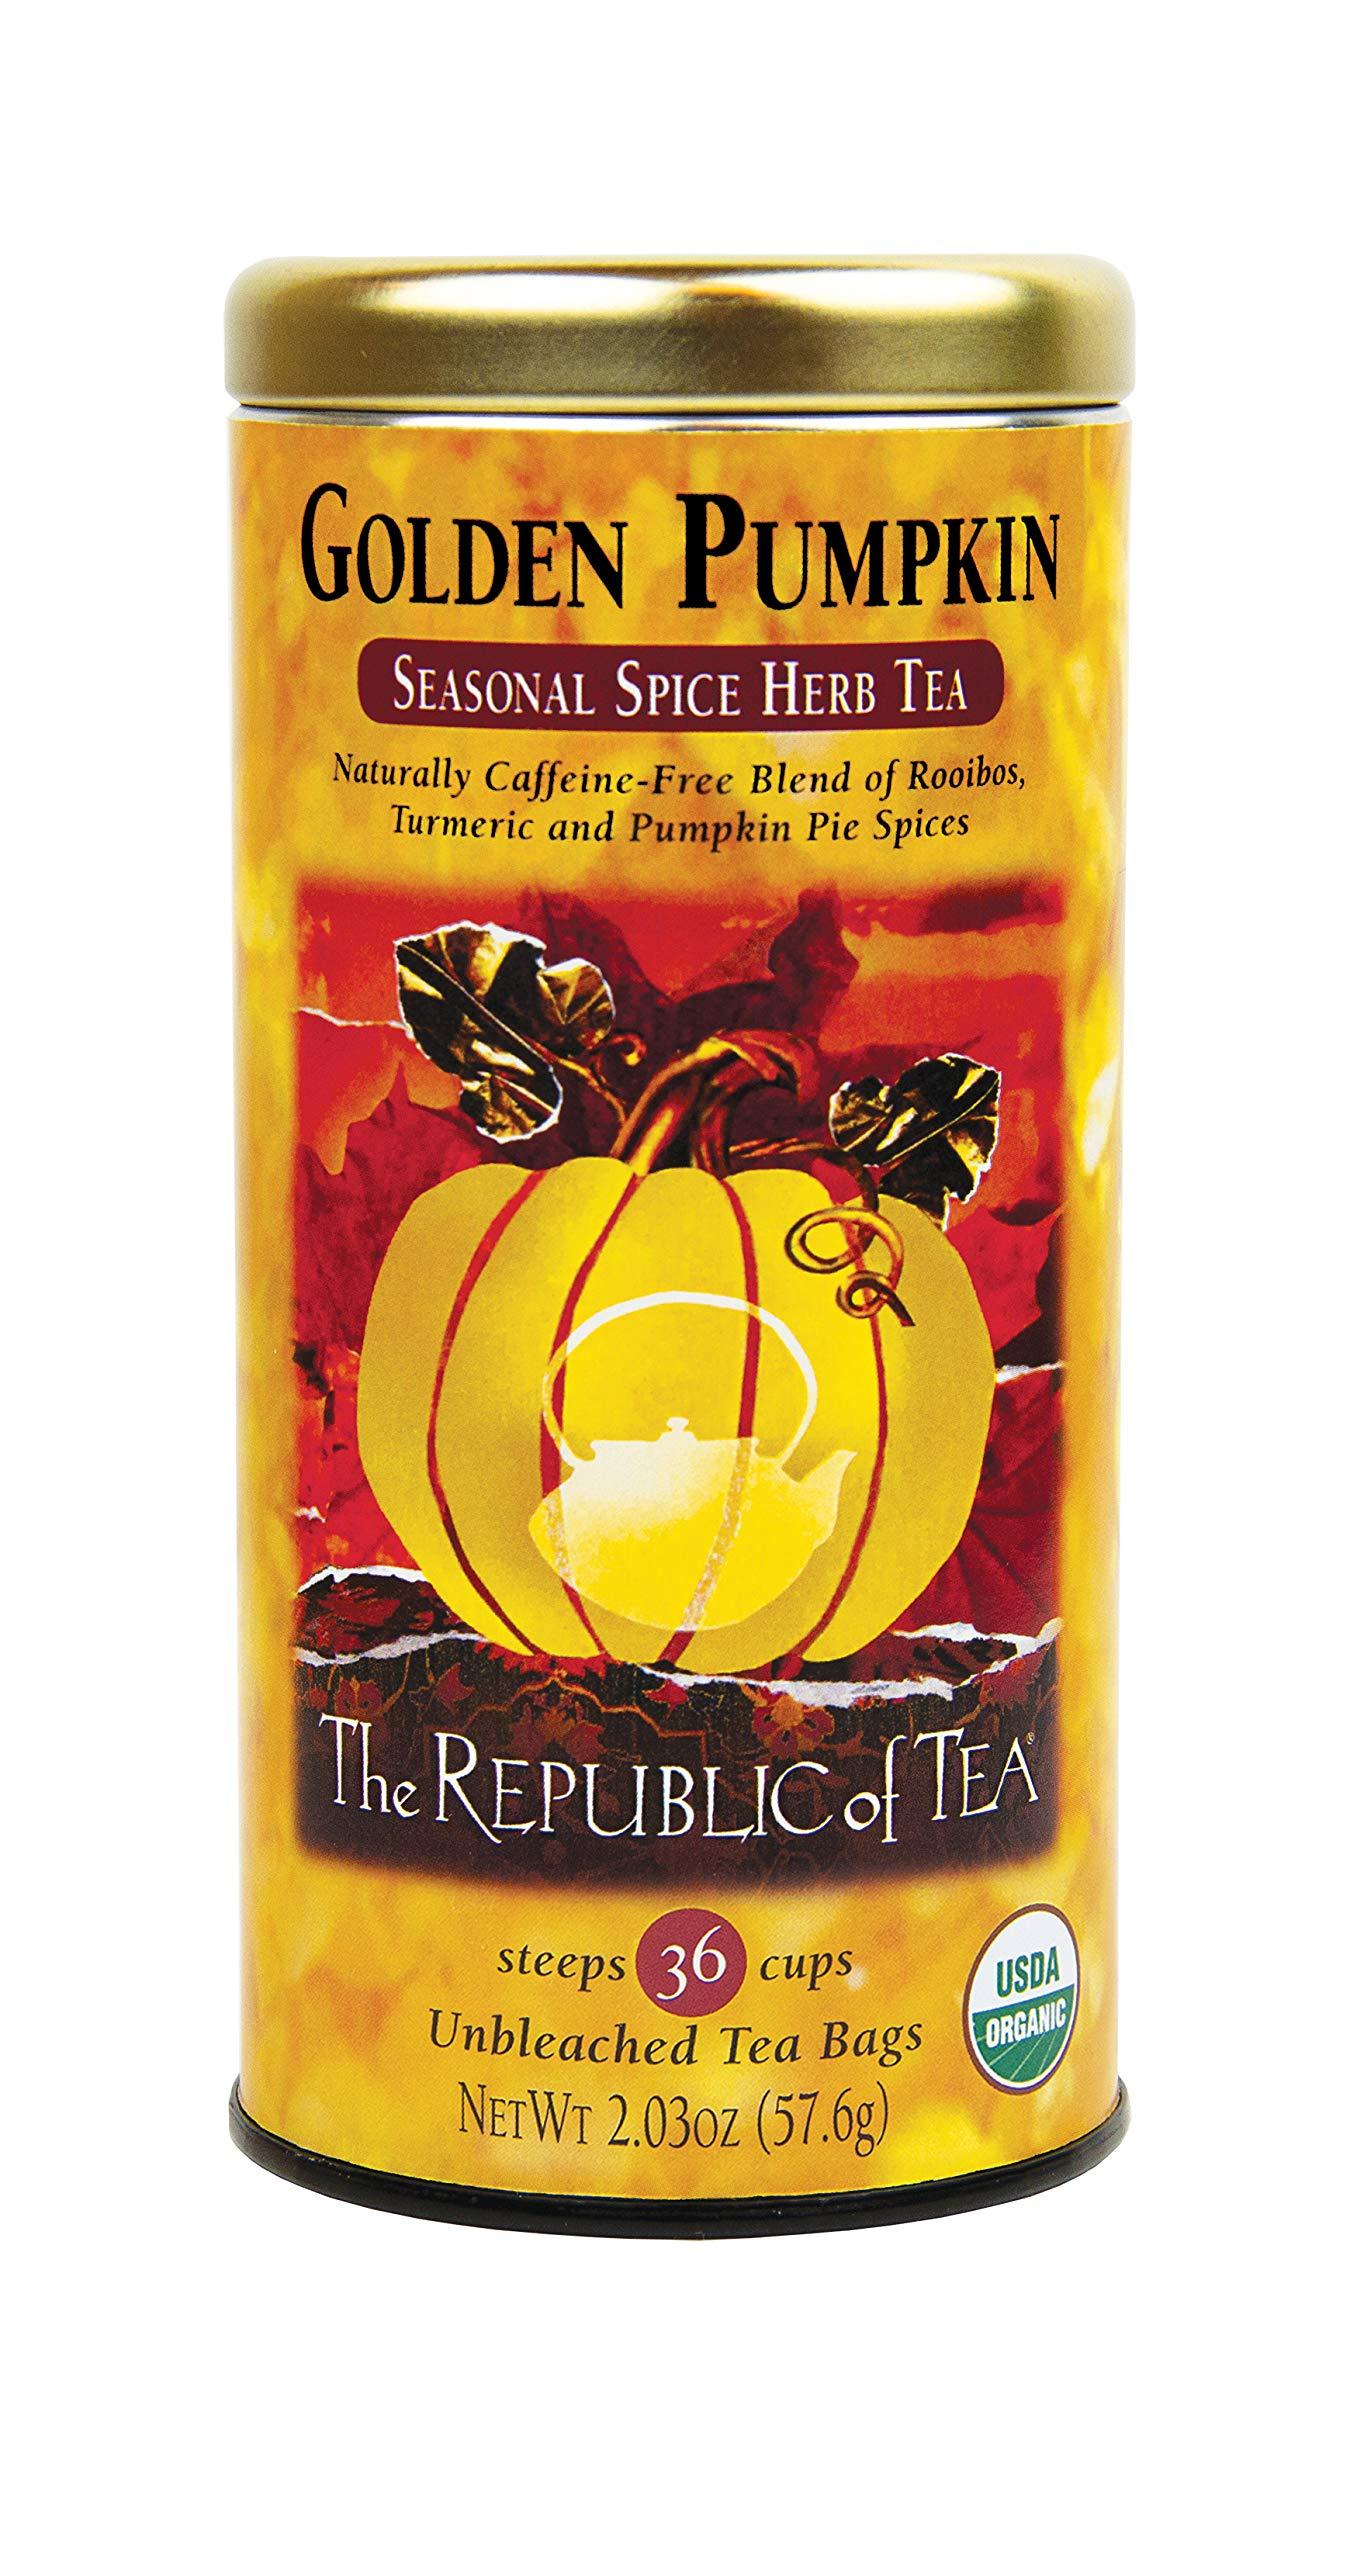 REPUBLIC OF TEA Golden Pumpkin Herbal Tea, 36 CT